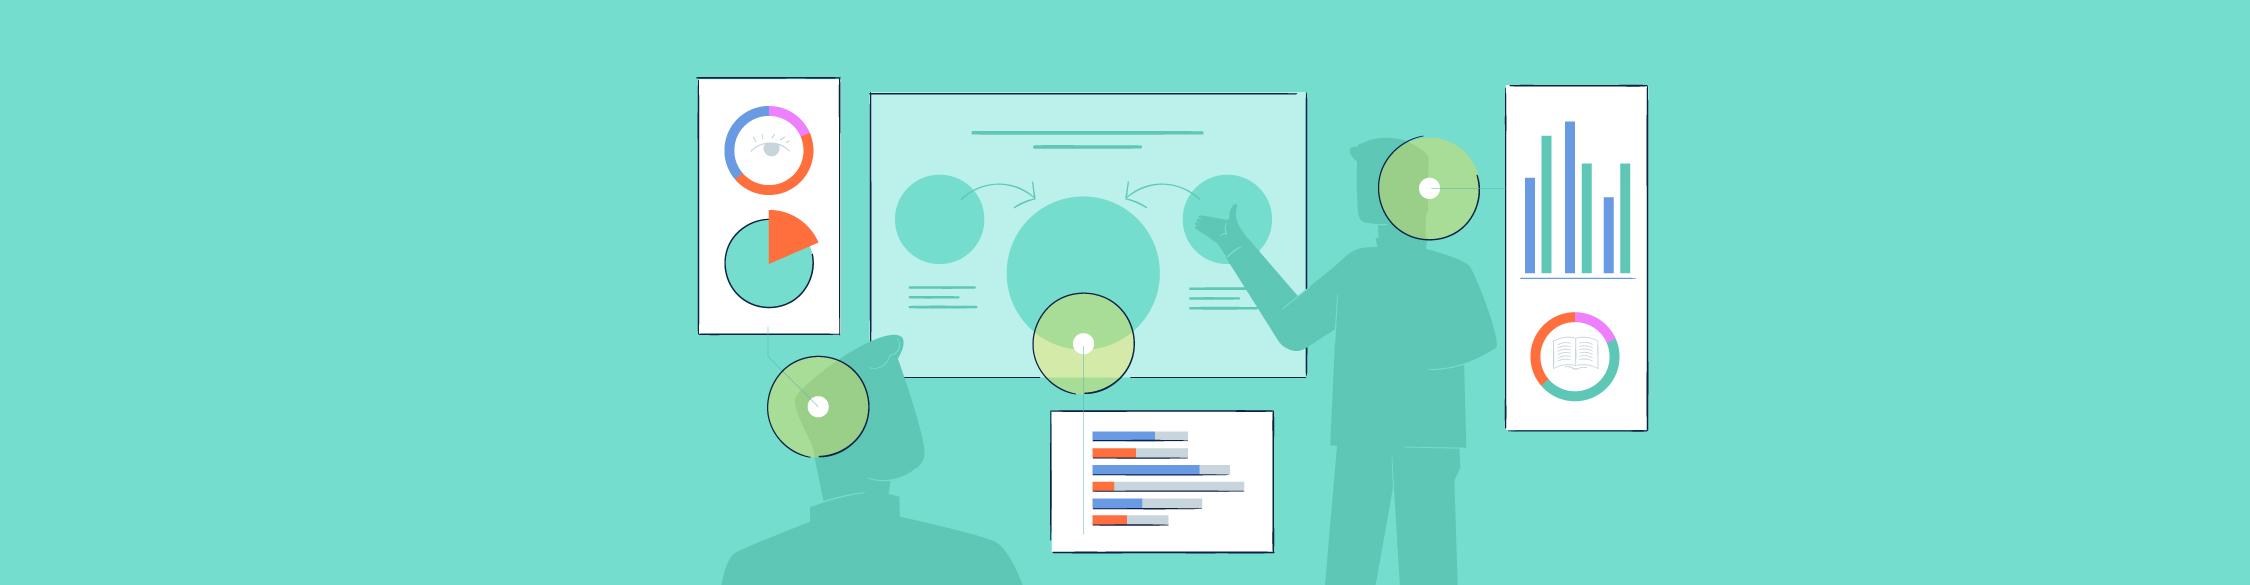 presentation statistics - header wide